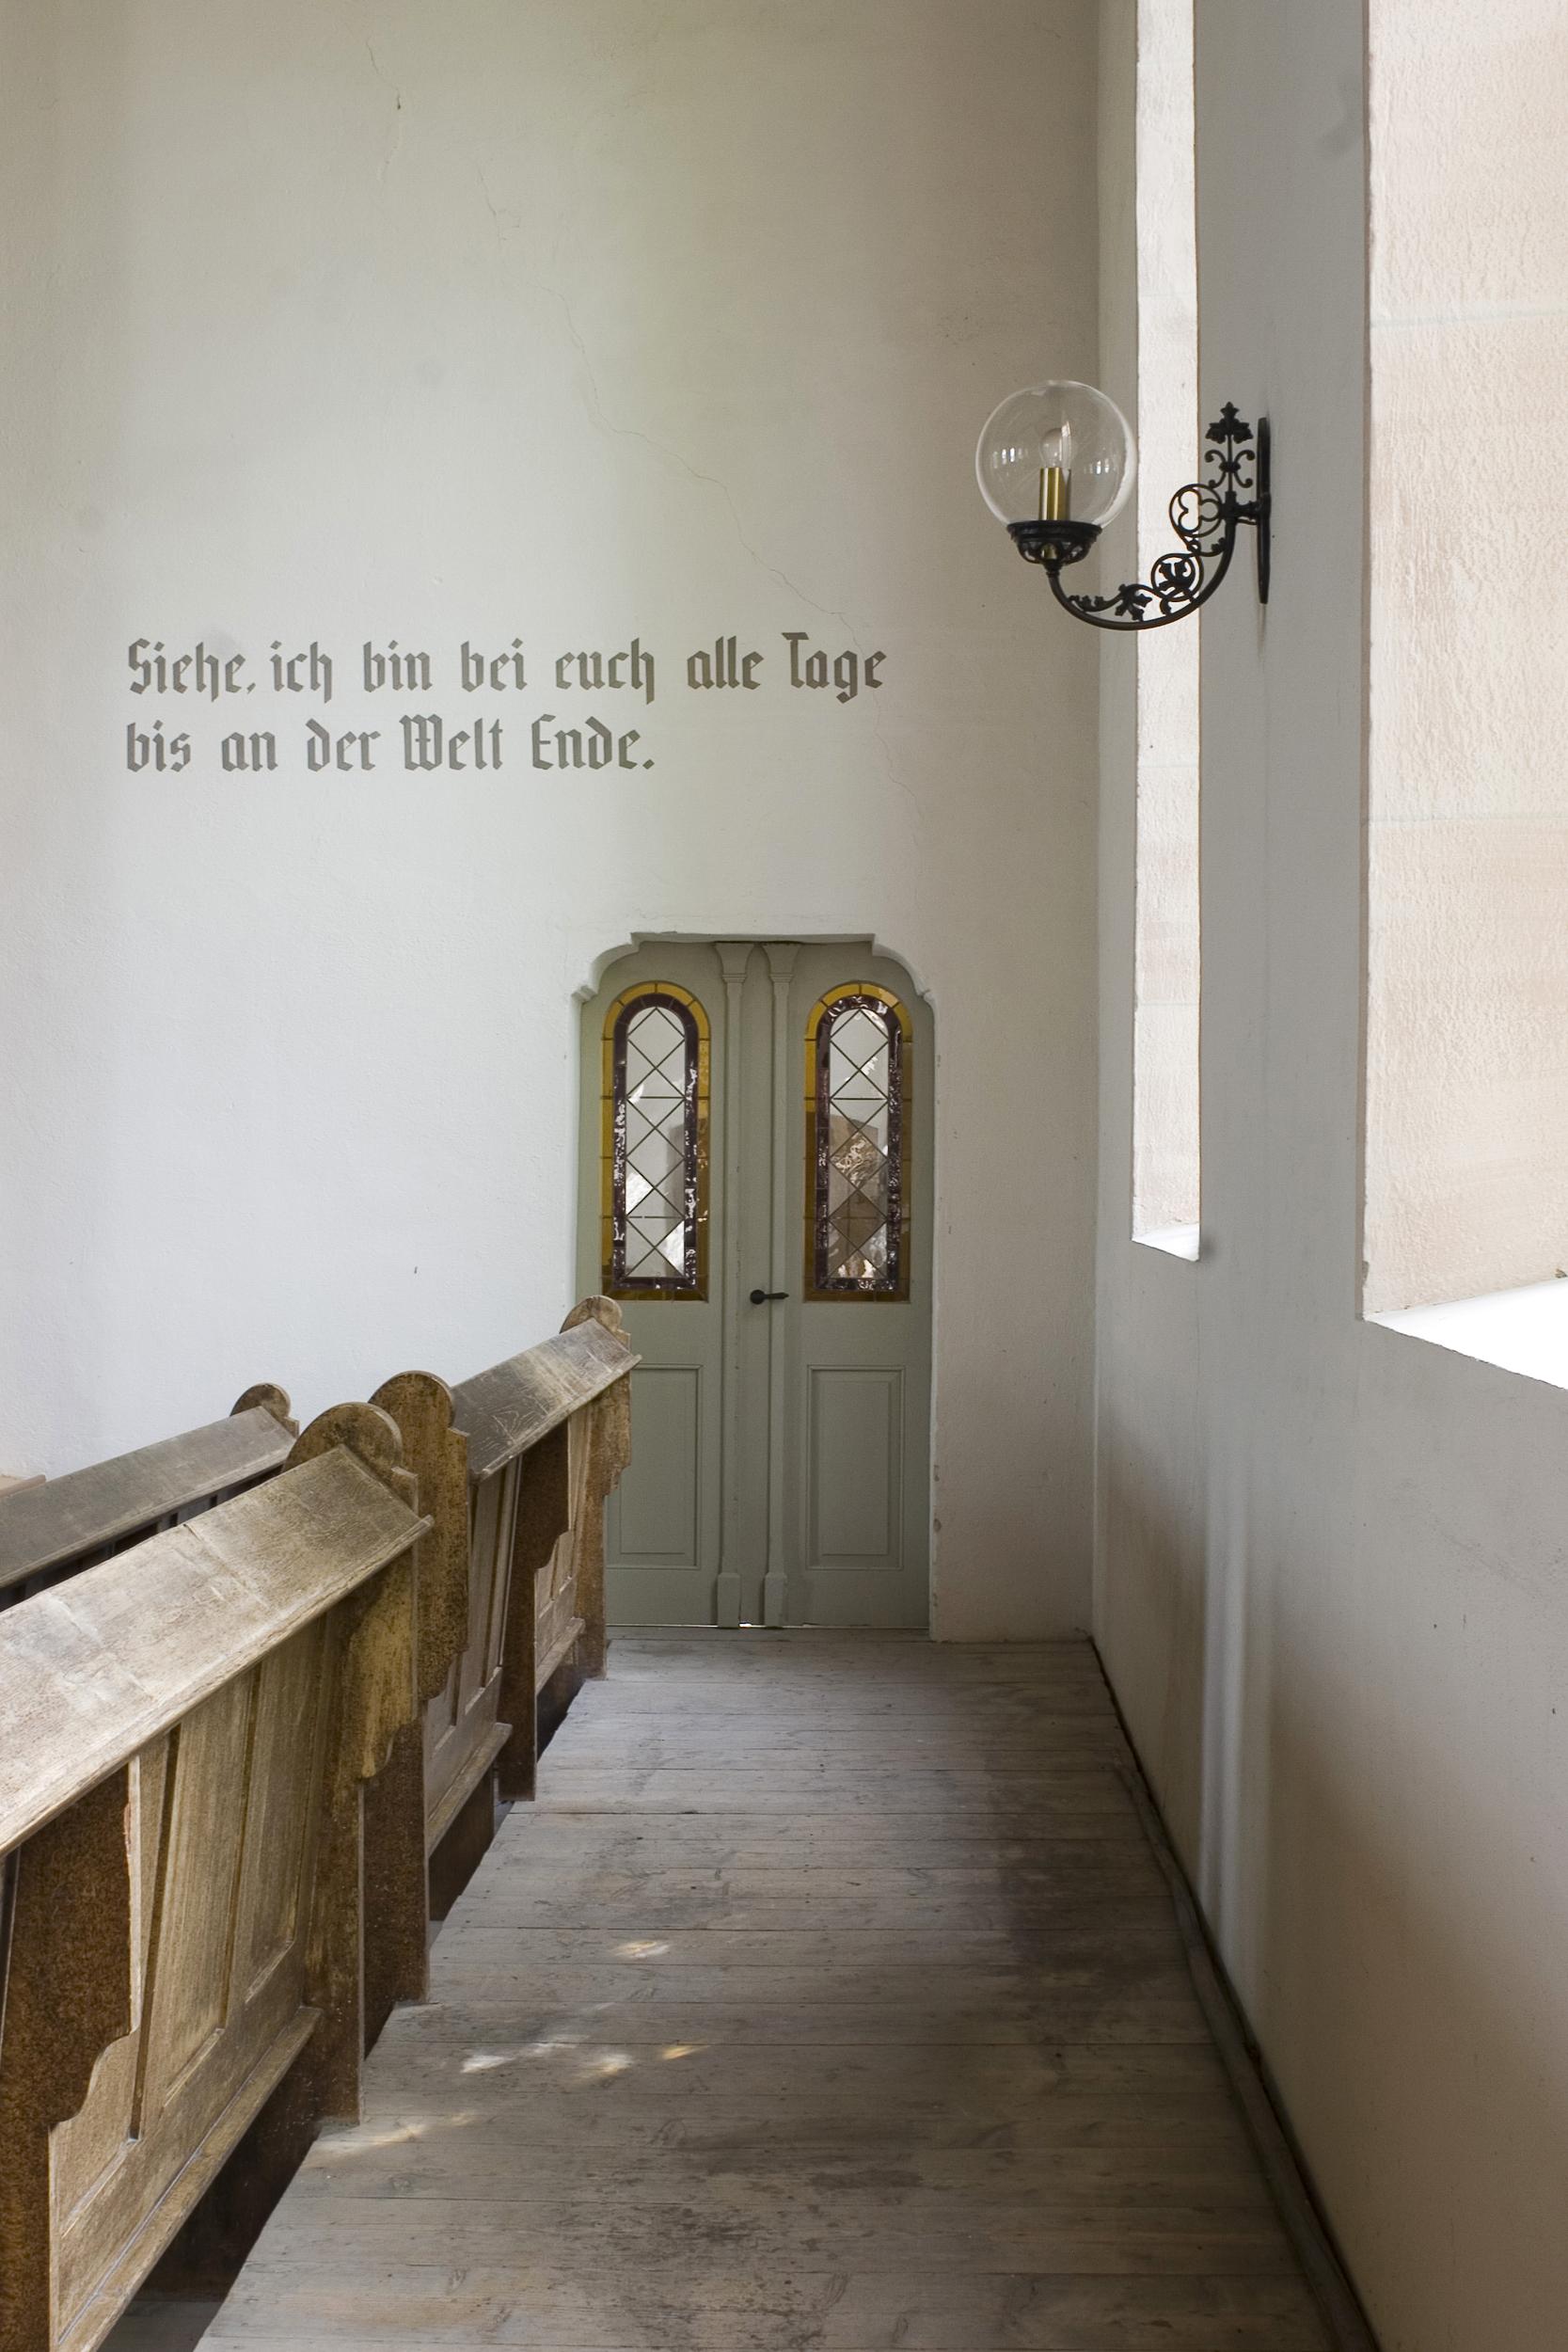 1_Franziska_Frenzel_kirche.jpg